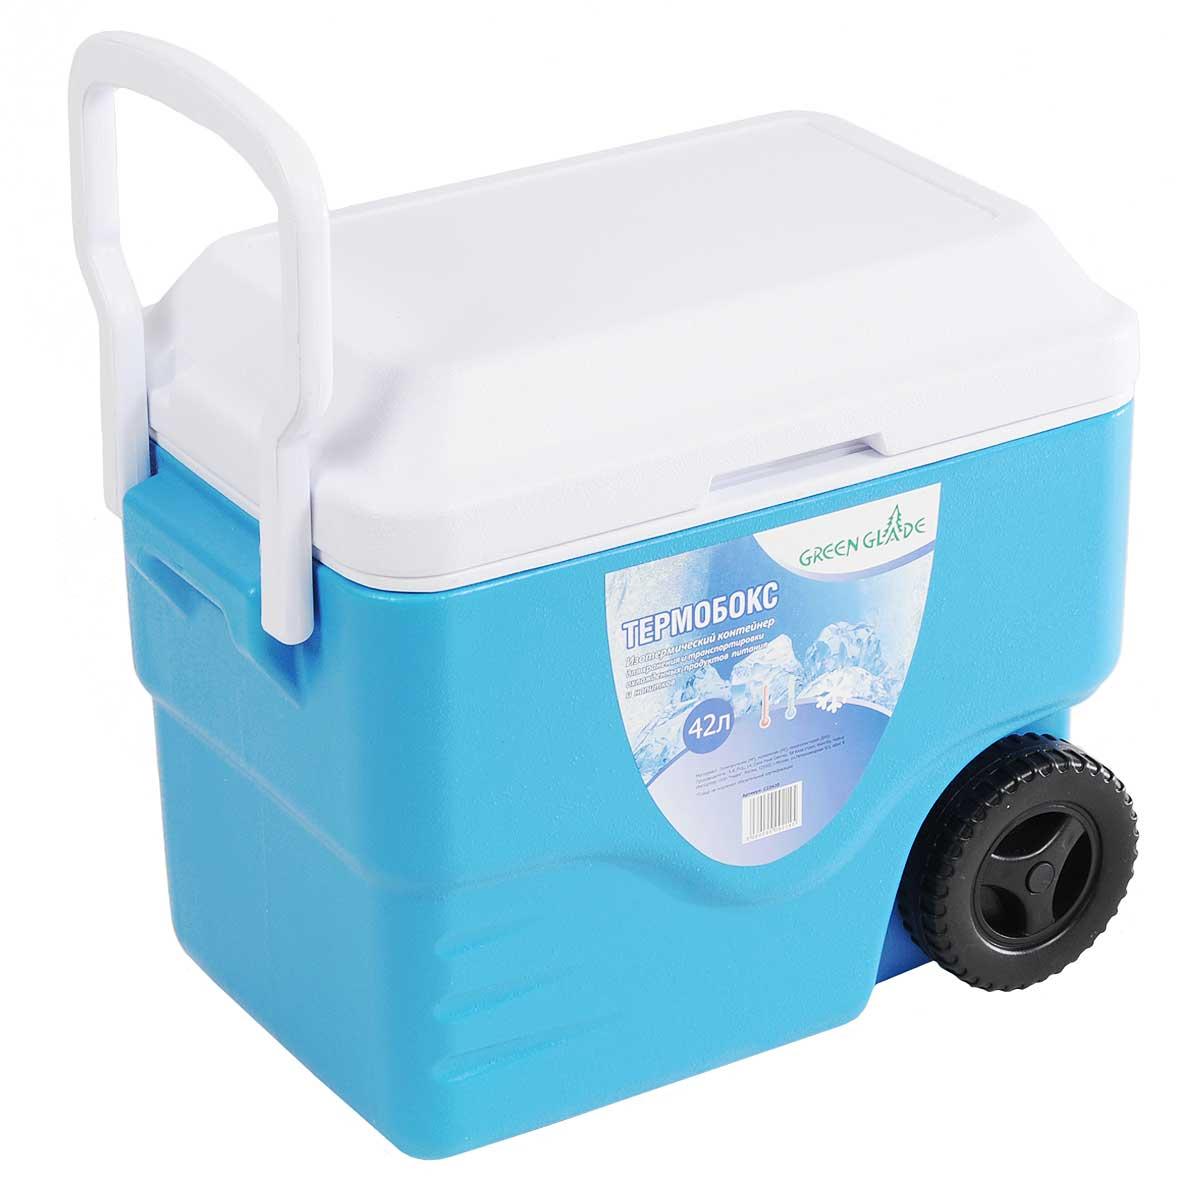 Контейнер изотермический Green Glade, на колесиках, цвет: голубой, 42 л контейнер изотермический green glade цвет голубой 4 5 л